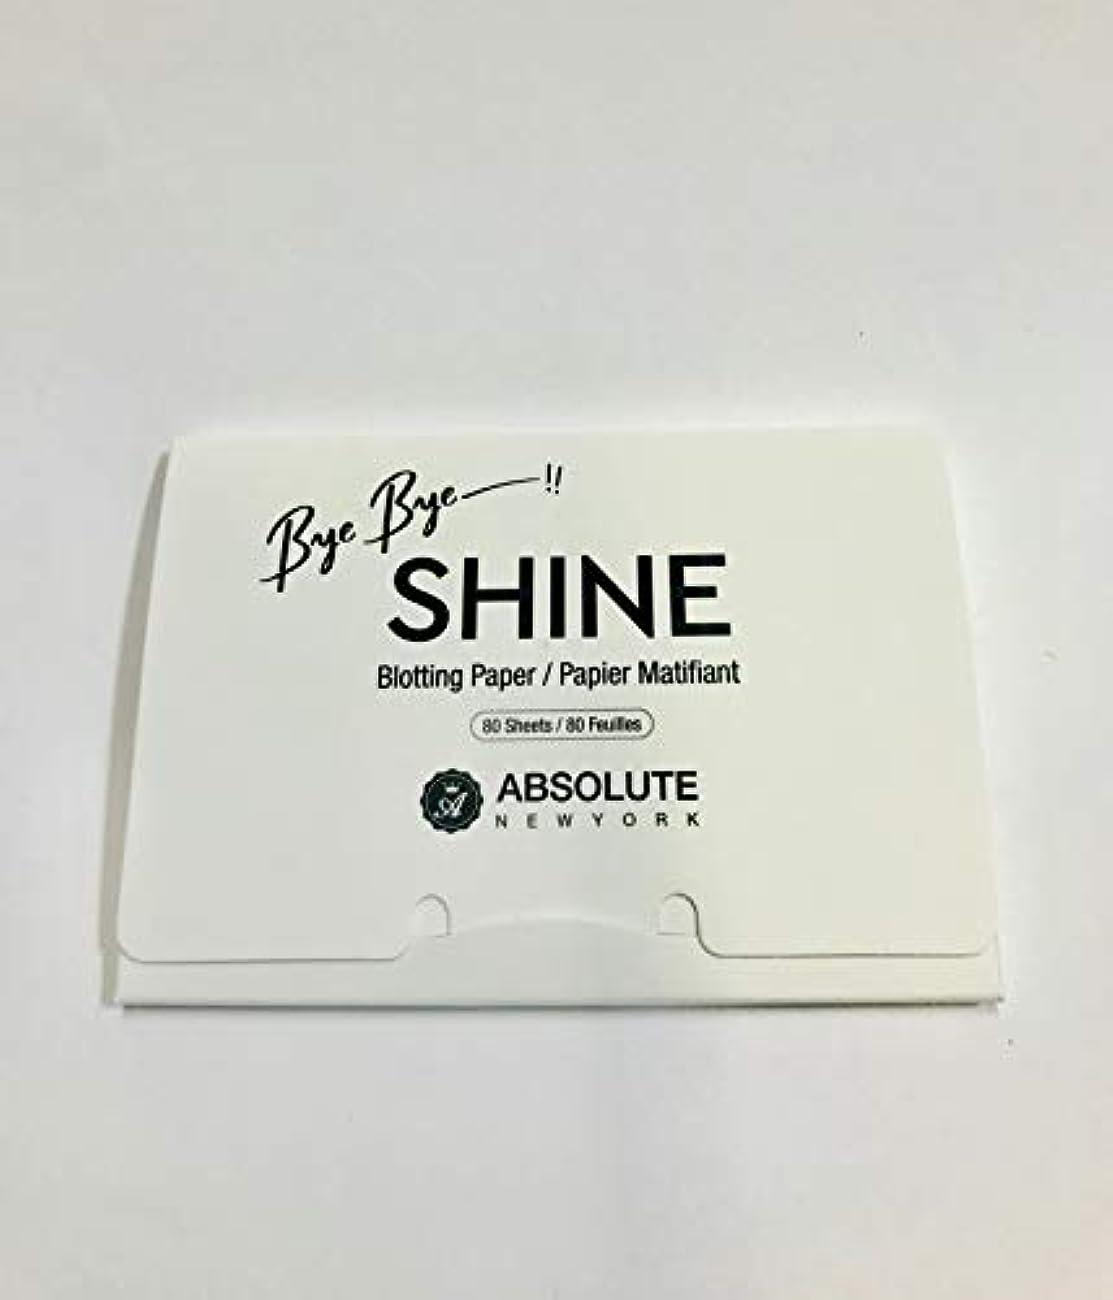 赤外線反乱忌まわしいABSOLUTE Bye Bye Shine Blotting Paper (並行輸入品)